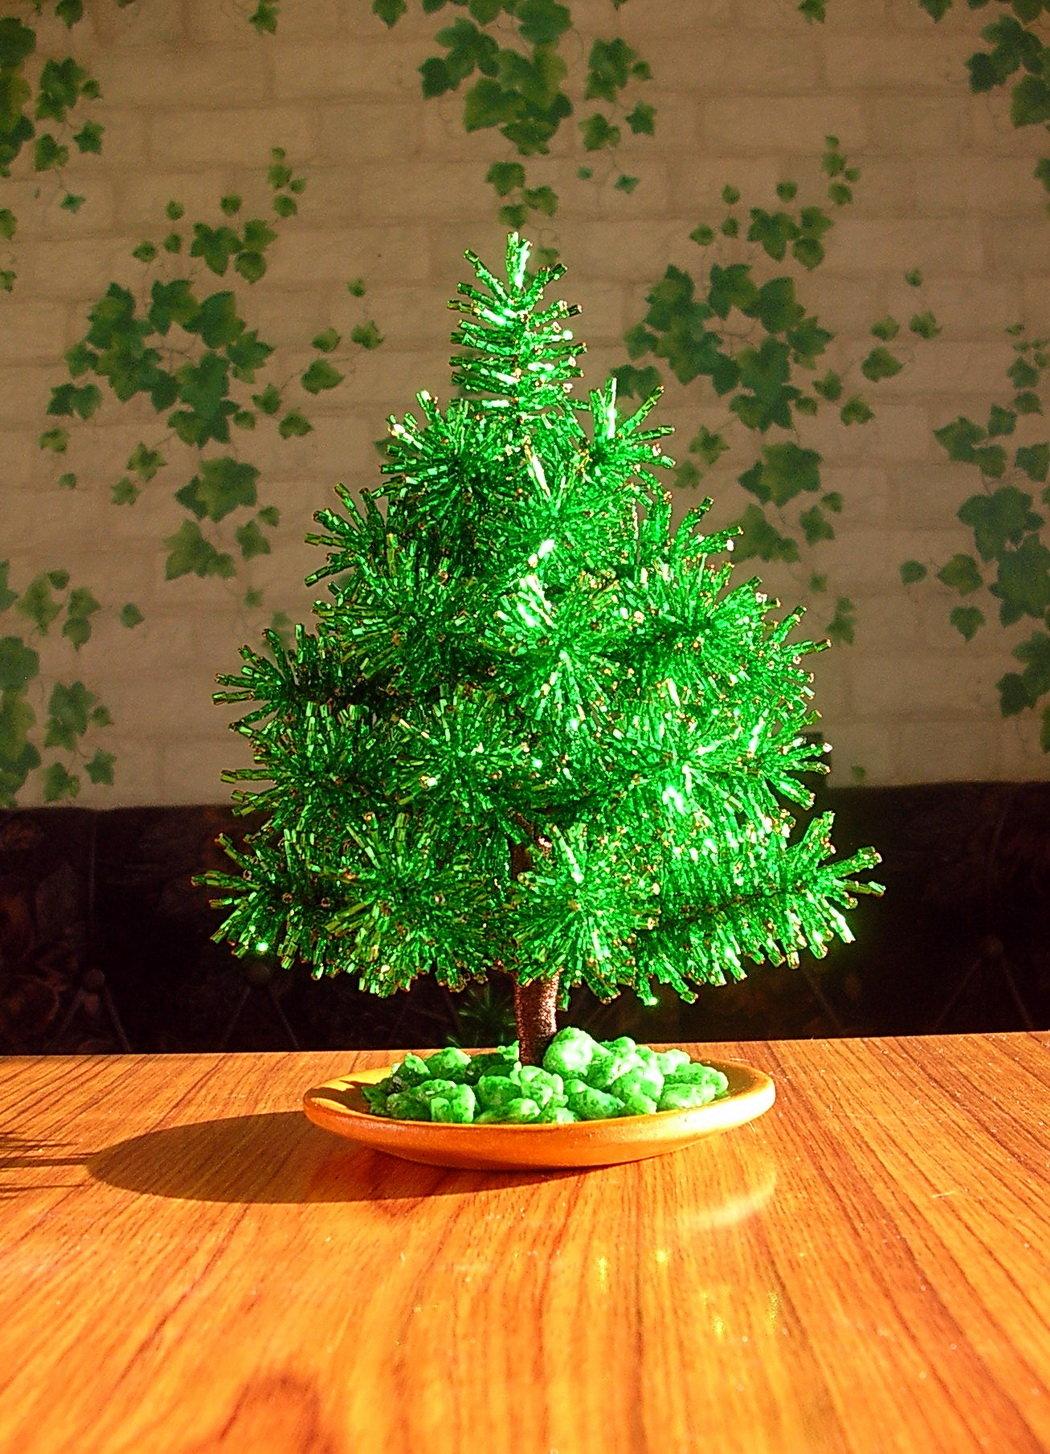 Бонсай топиарий ёлка мастер-класс новый год рождество моделирование конструирование елки разные важны елки разные нужны  елки из атласных лент и капрона  продолжаю набирать пифочек добро пожаловать  капрон картон ленты проволока